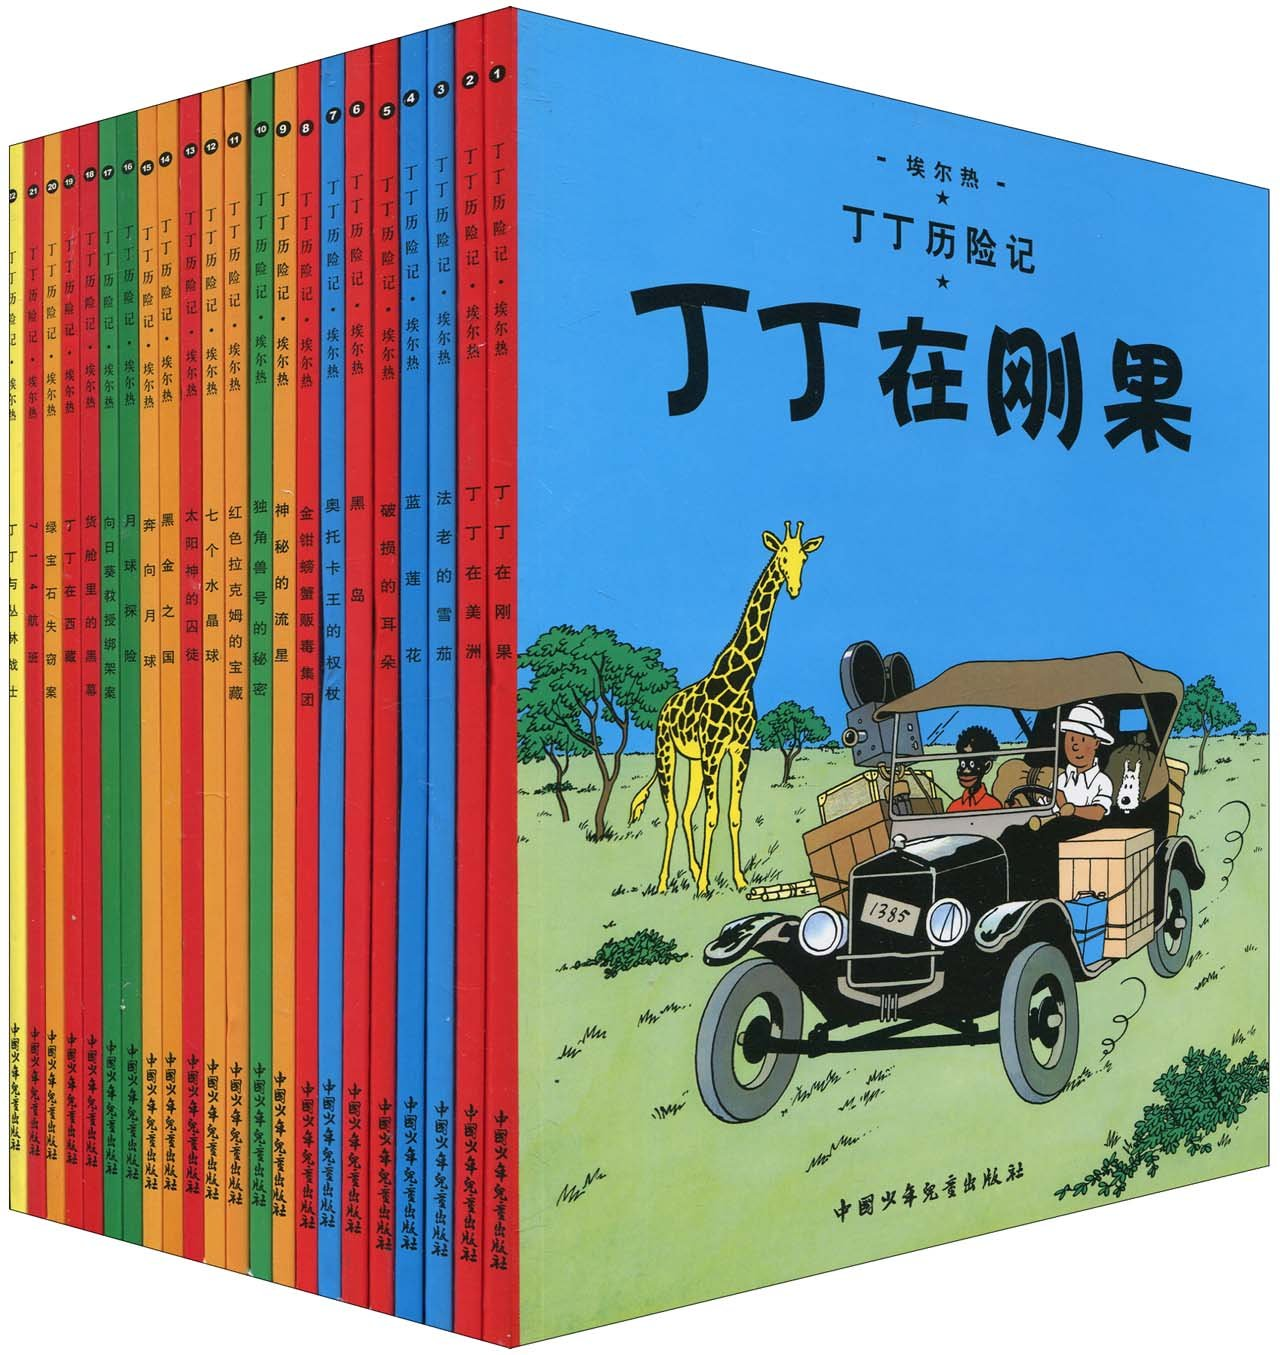 丁丁历险记·小开本精巧阅读本(全集22册)The Adventures of Tintin PDF